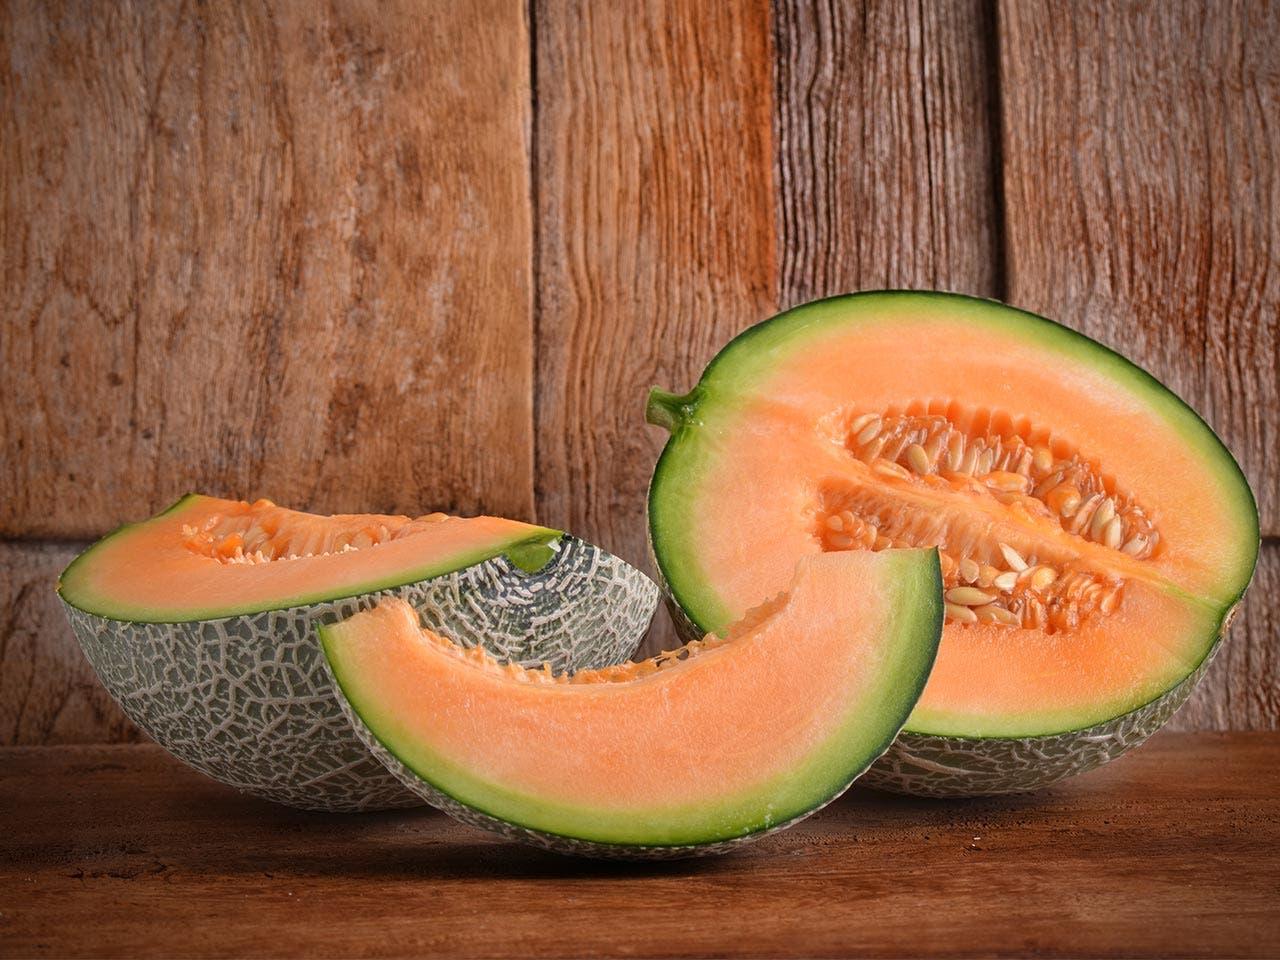 Melons | MRS.Siwaporn/Shutterstock.com